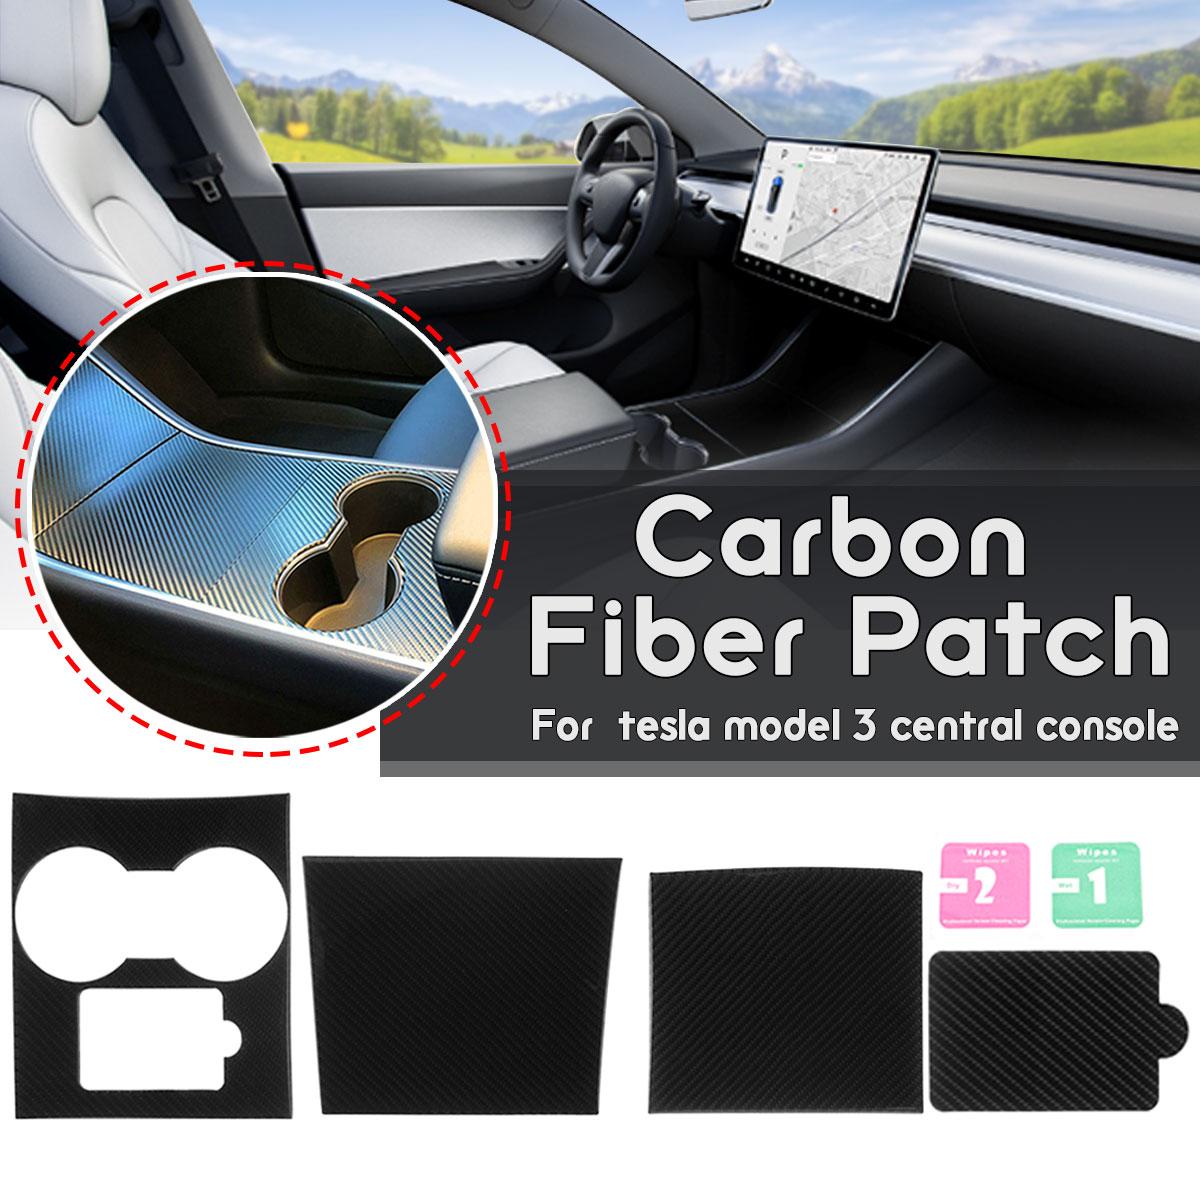 1 ensemble autocollants de style de voiture Console centrale Wrap Kit voiture Auto Patch en Fiber de carbone pour Tesla modèle 3 garnitures intérieure de voiture autocollants